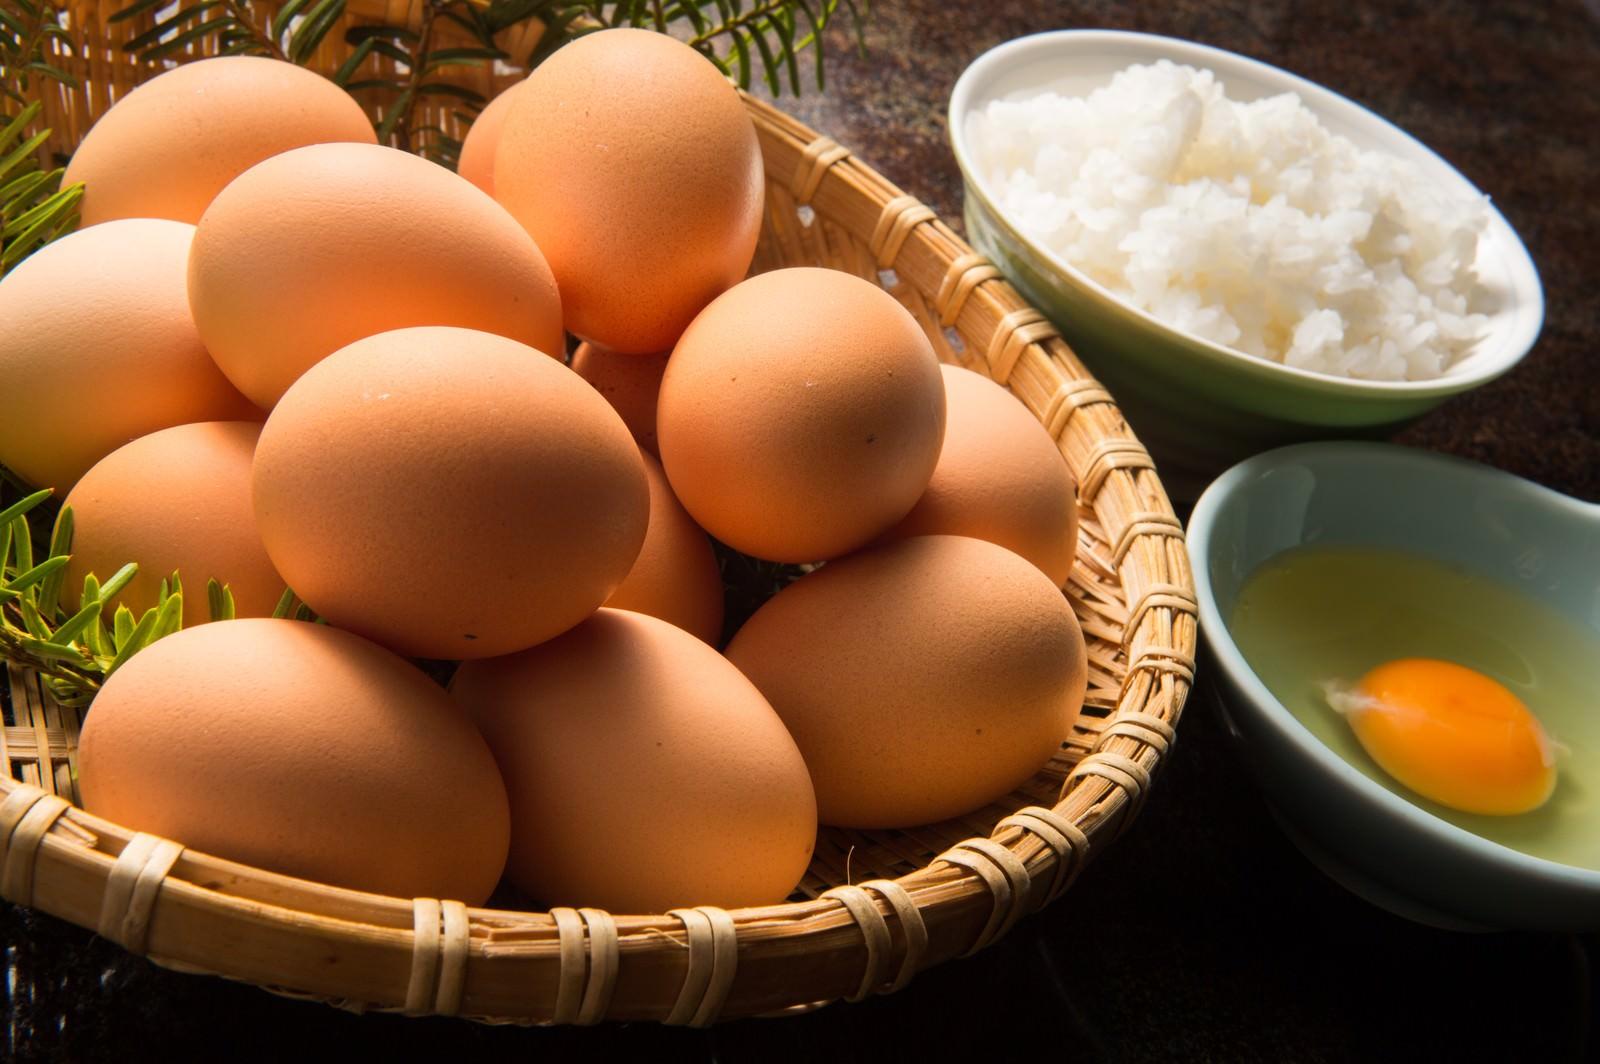 「卵かけご飯が食べ放題(料理宿栄太郎)」の写真